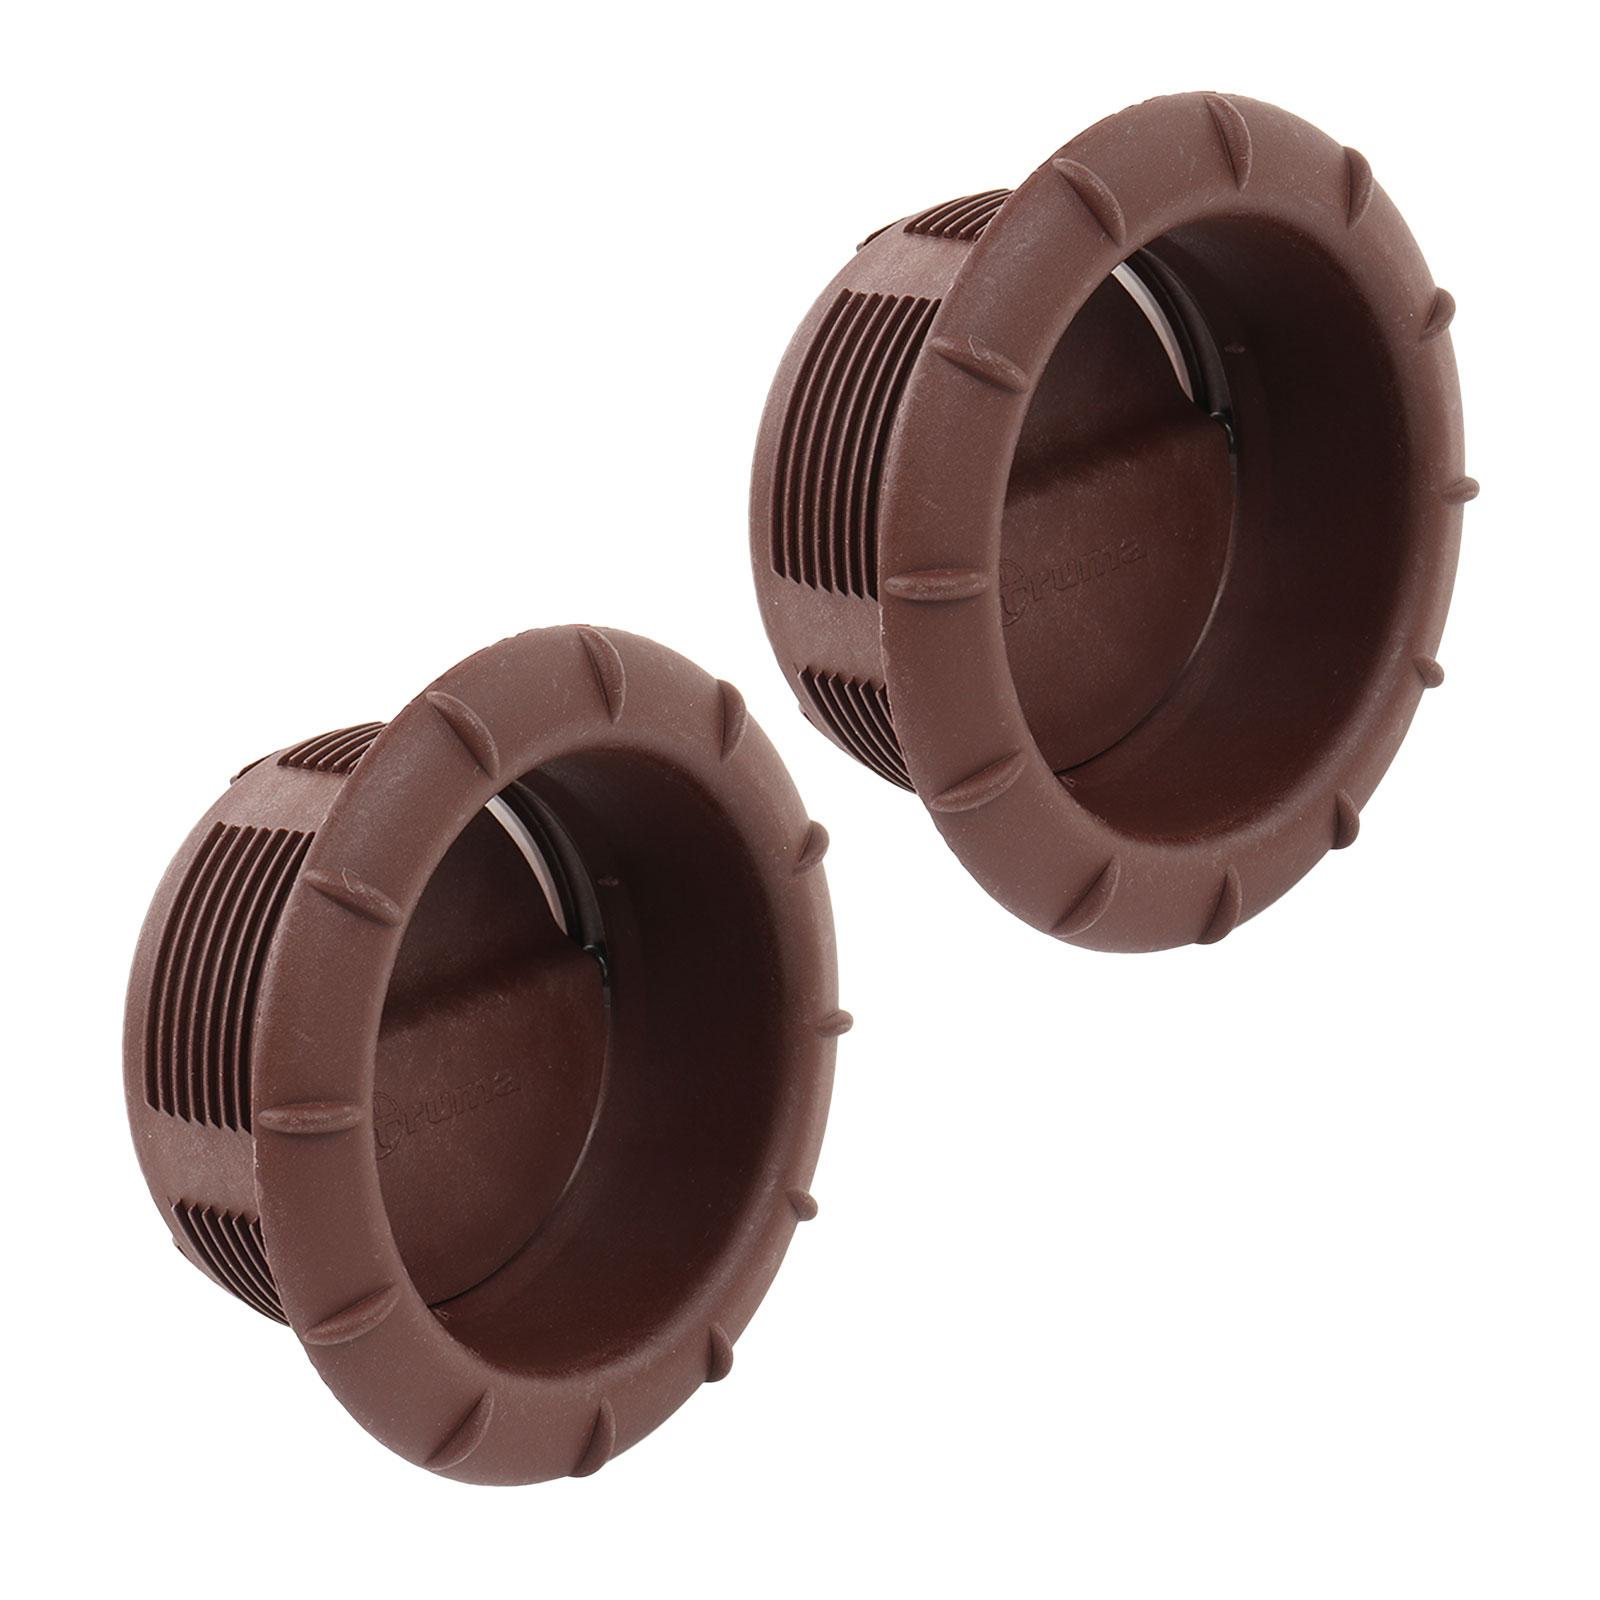 2x Endstück Warmluftaustritt Braun Truma für 65mm Warmluftrohre verschließbar